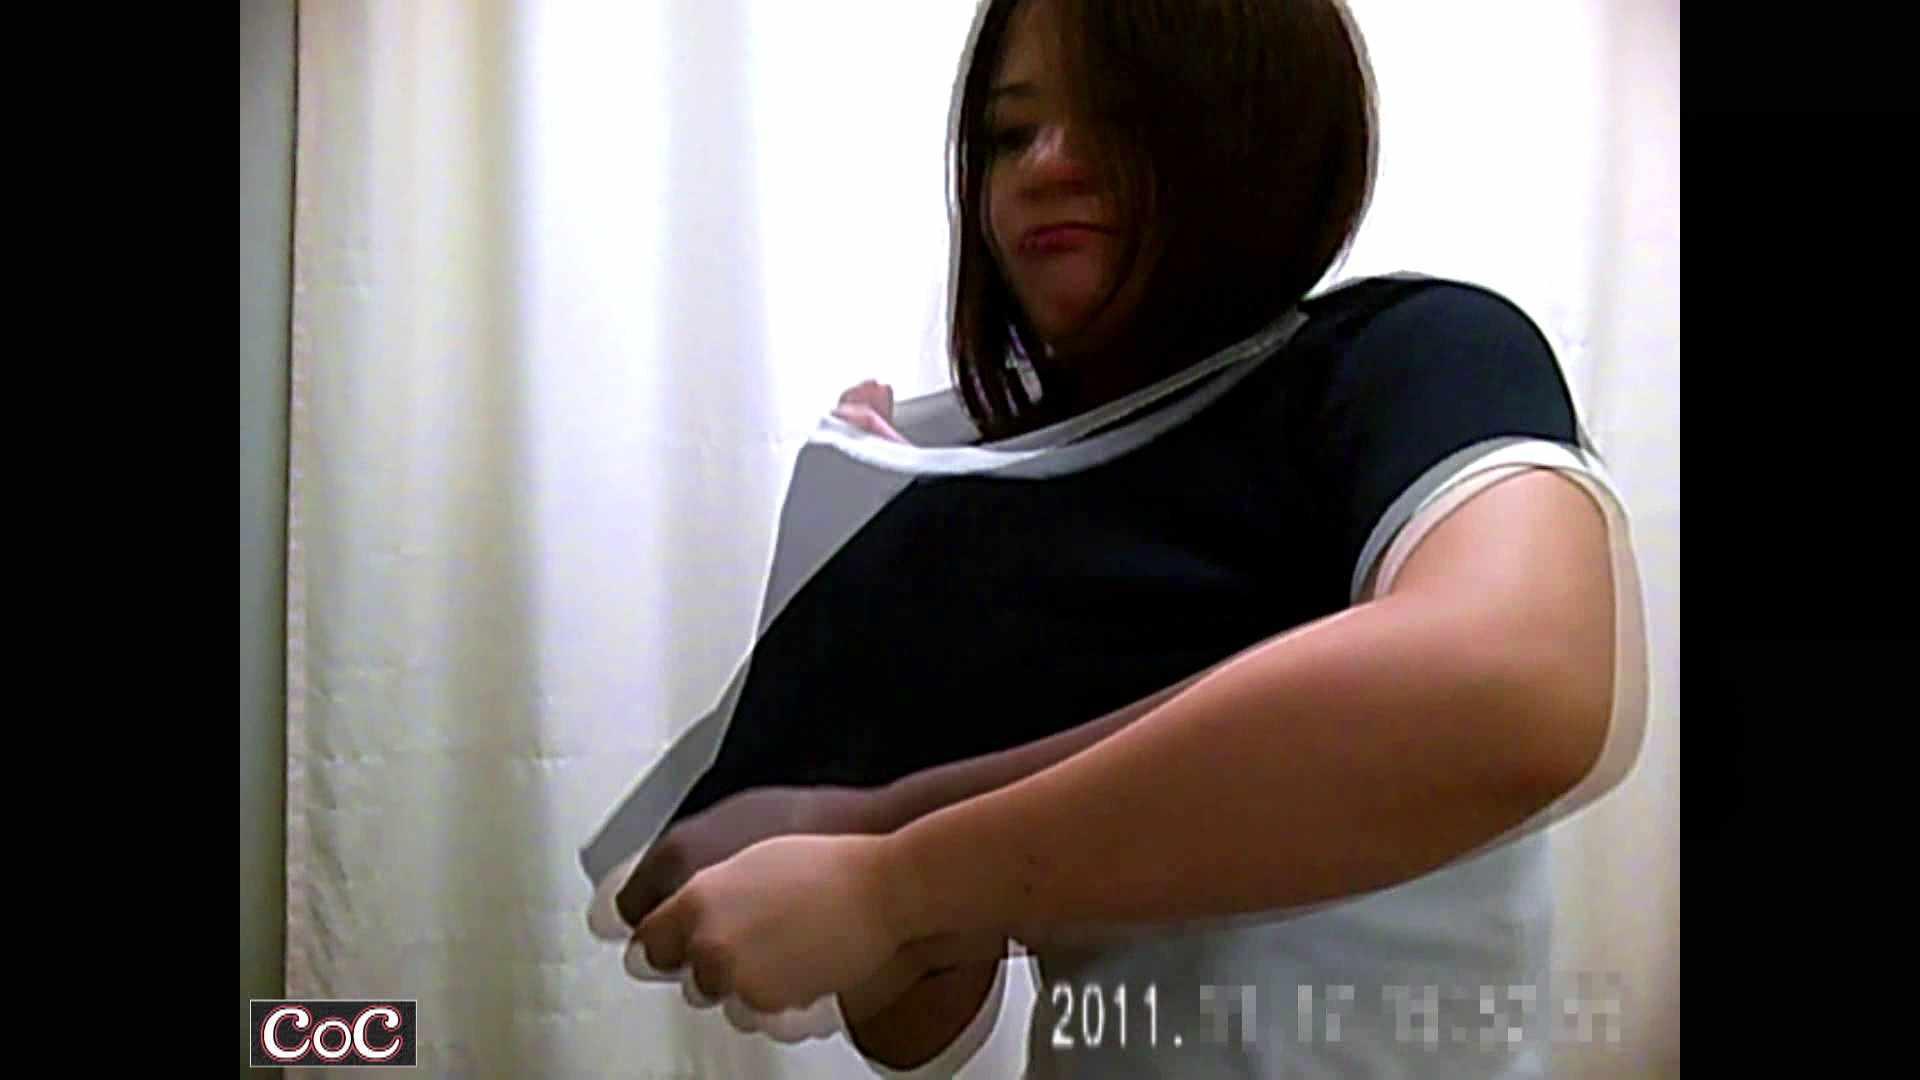 病院おもいっきり着替え! vol.94 巨乳 おめこ無修正画像 66pic 53